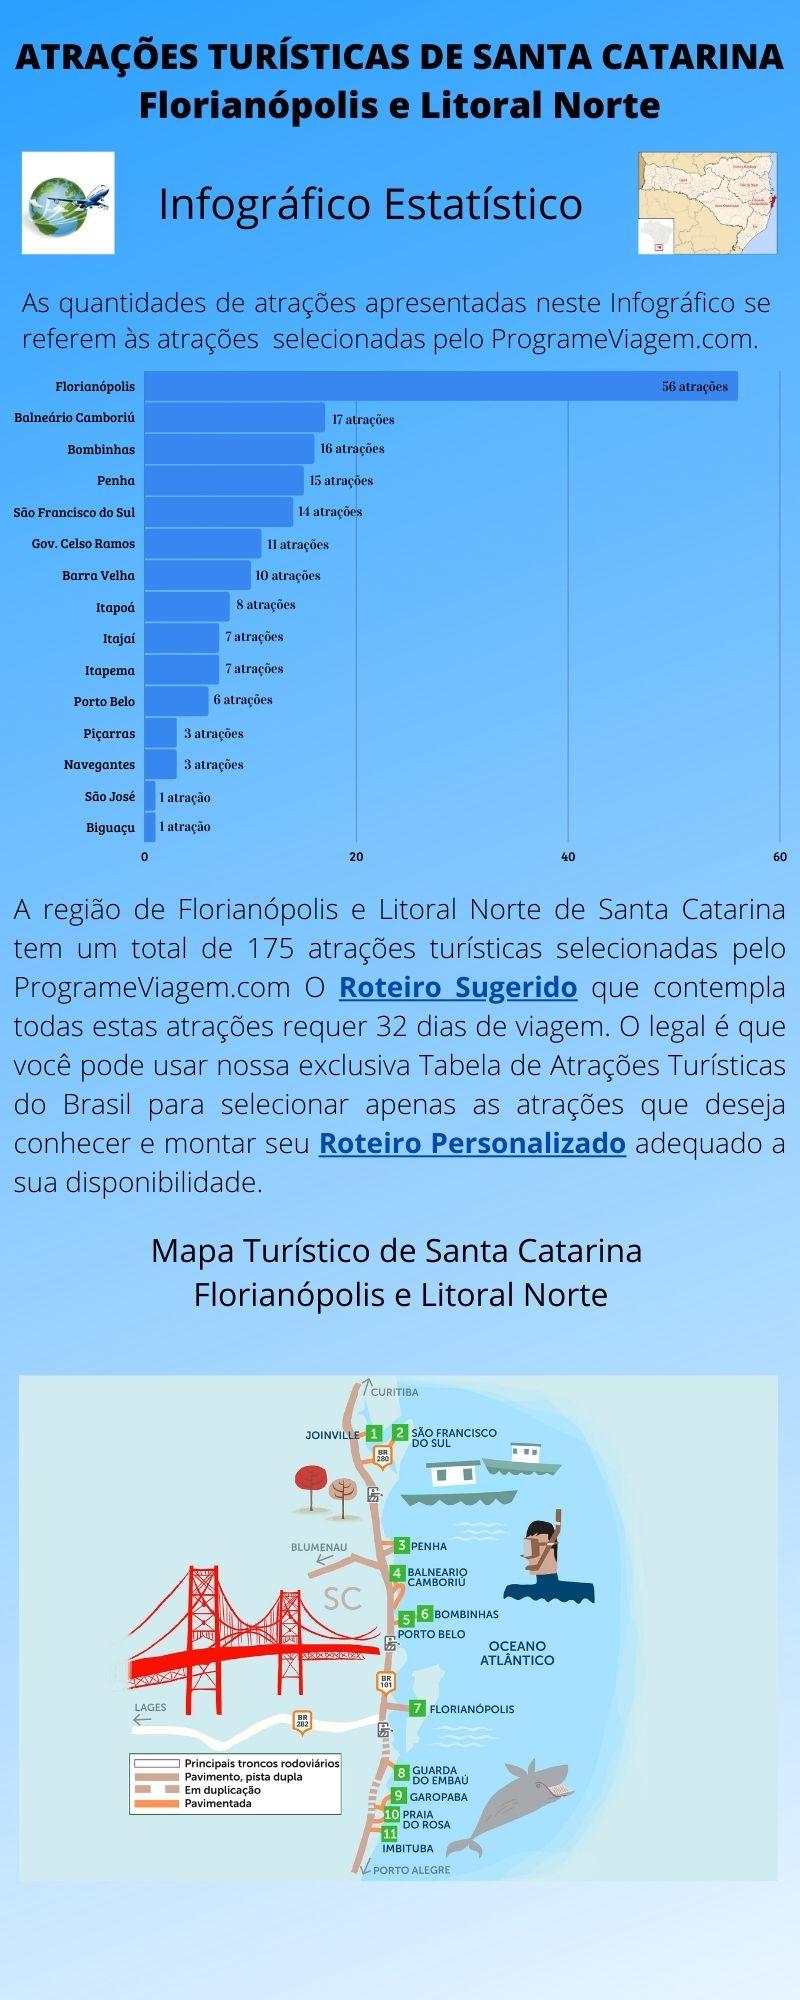 Infográfico Atrações Turísticas de Santa Catarina (Florianópolis e Litoral Norte) 1